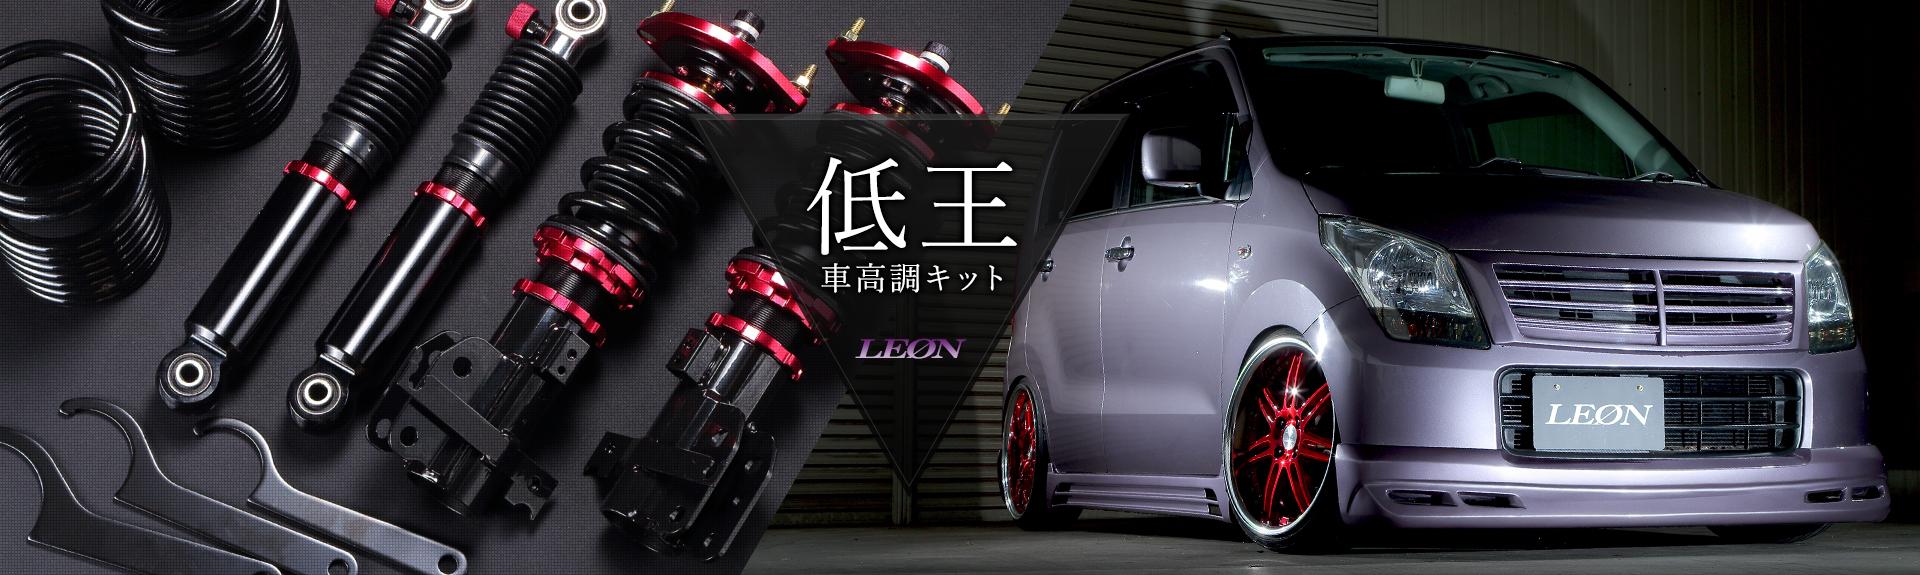 軽自動車、Kカーのドレスアップ・カスタムパーツのLEON-レオン-